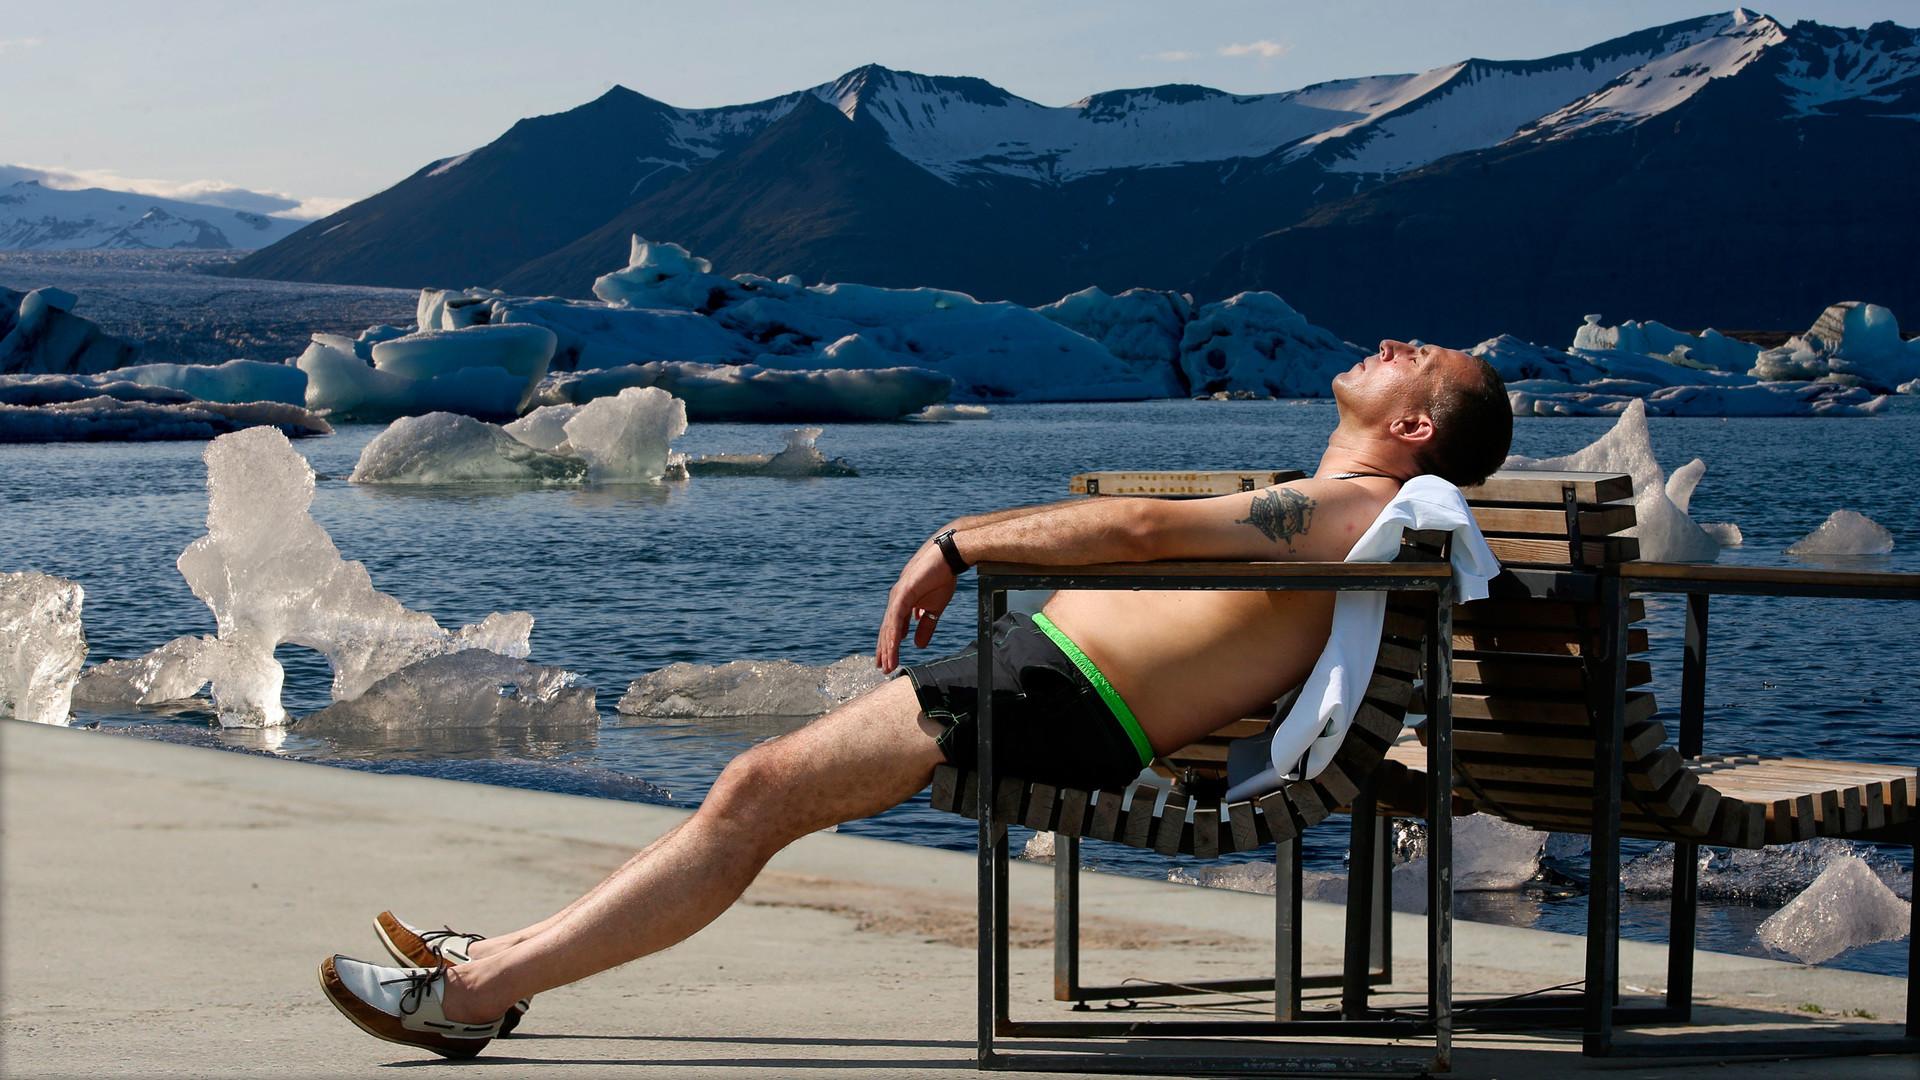 Чем теплее, тем России лучше. Как рождаются фейки о «климатической катастрофе»